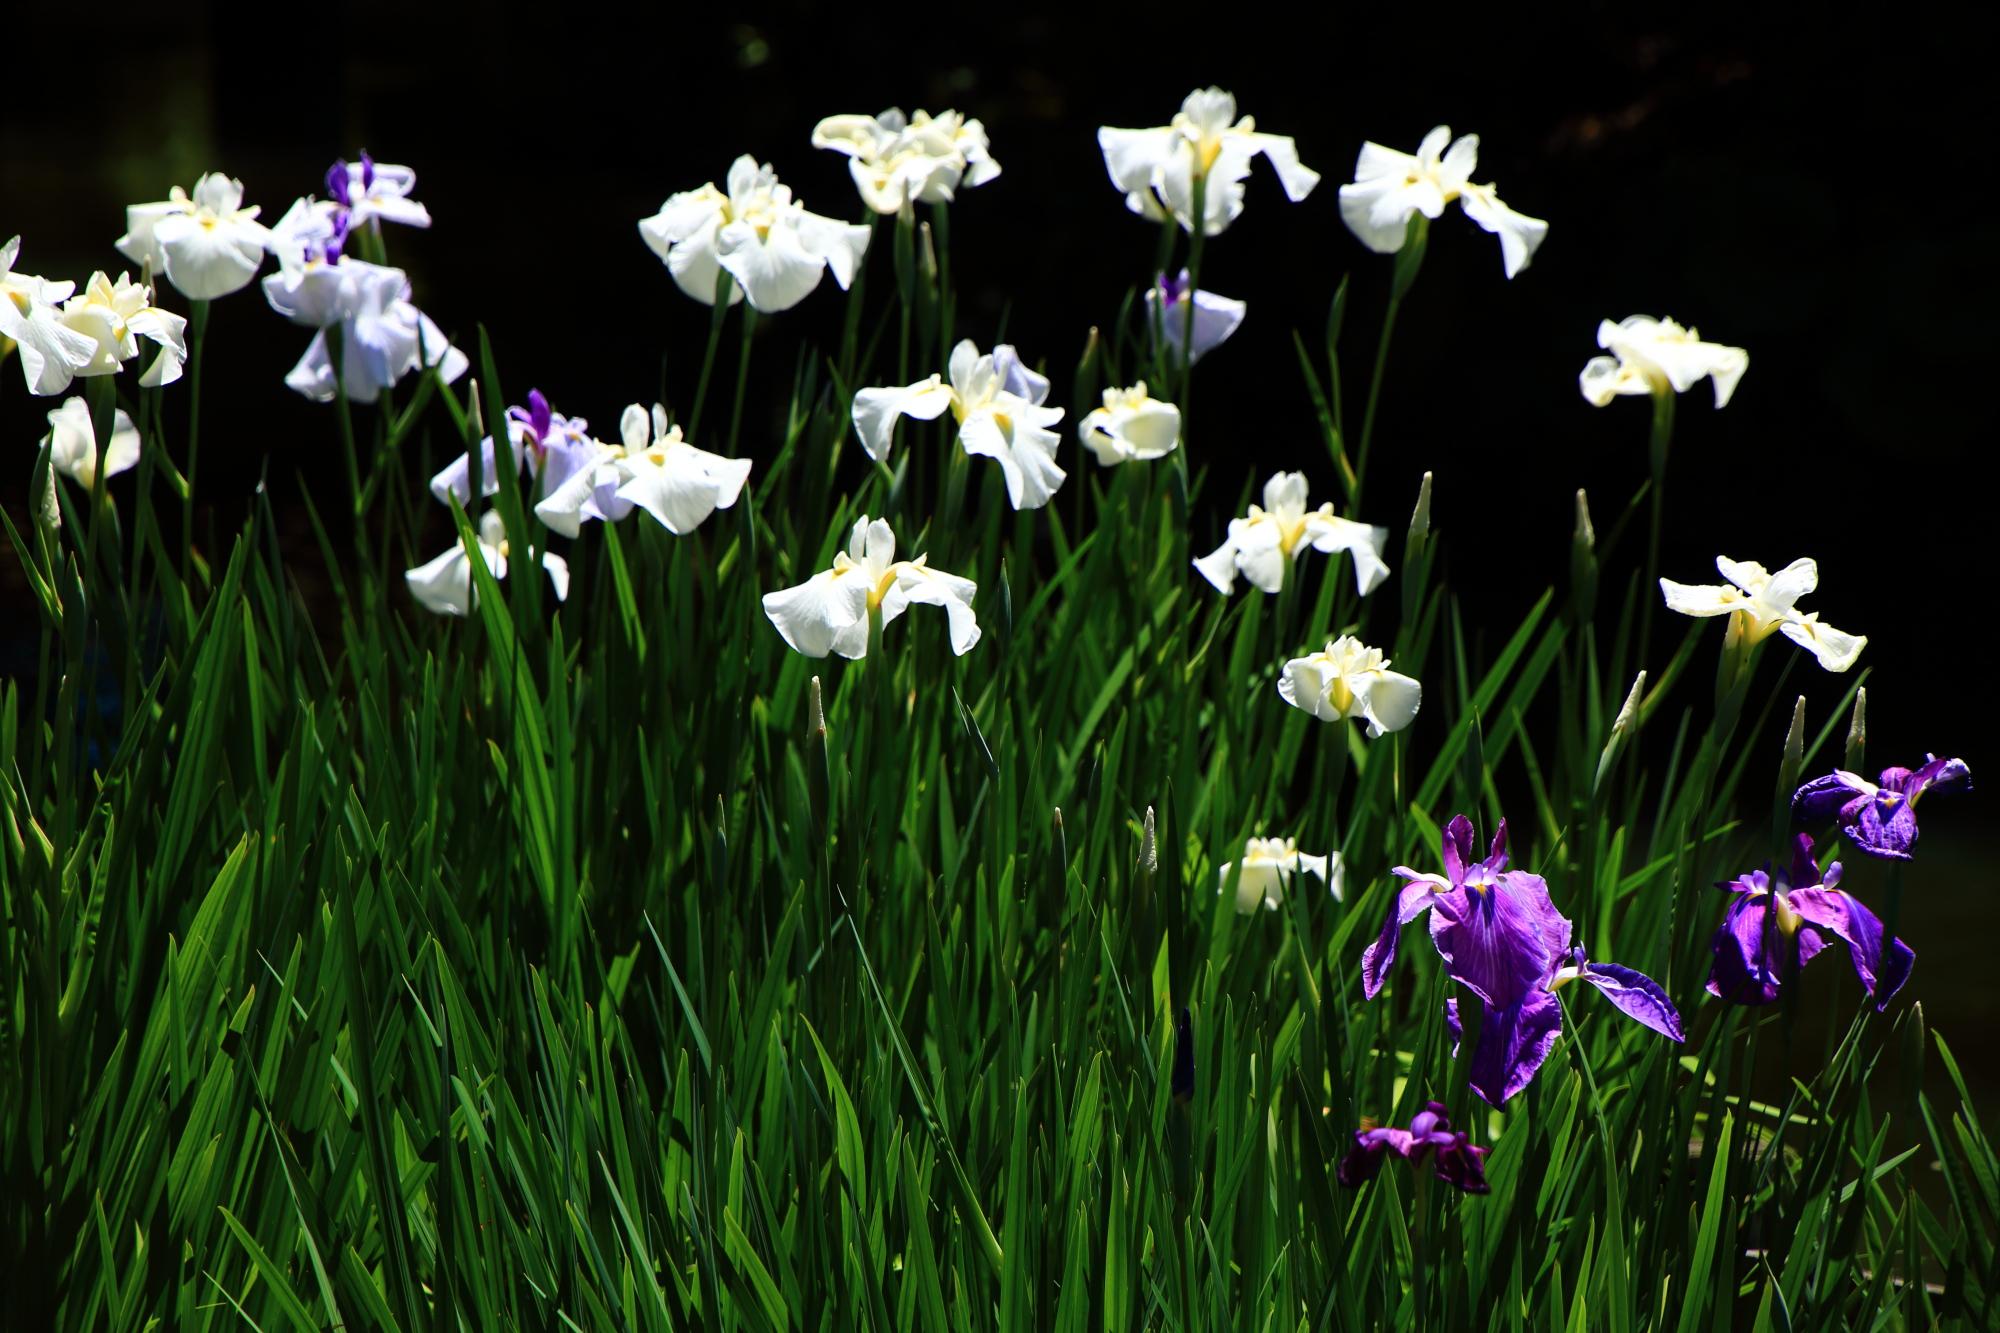 影の中で輝く白い花菖蒲